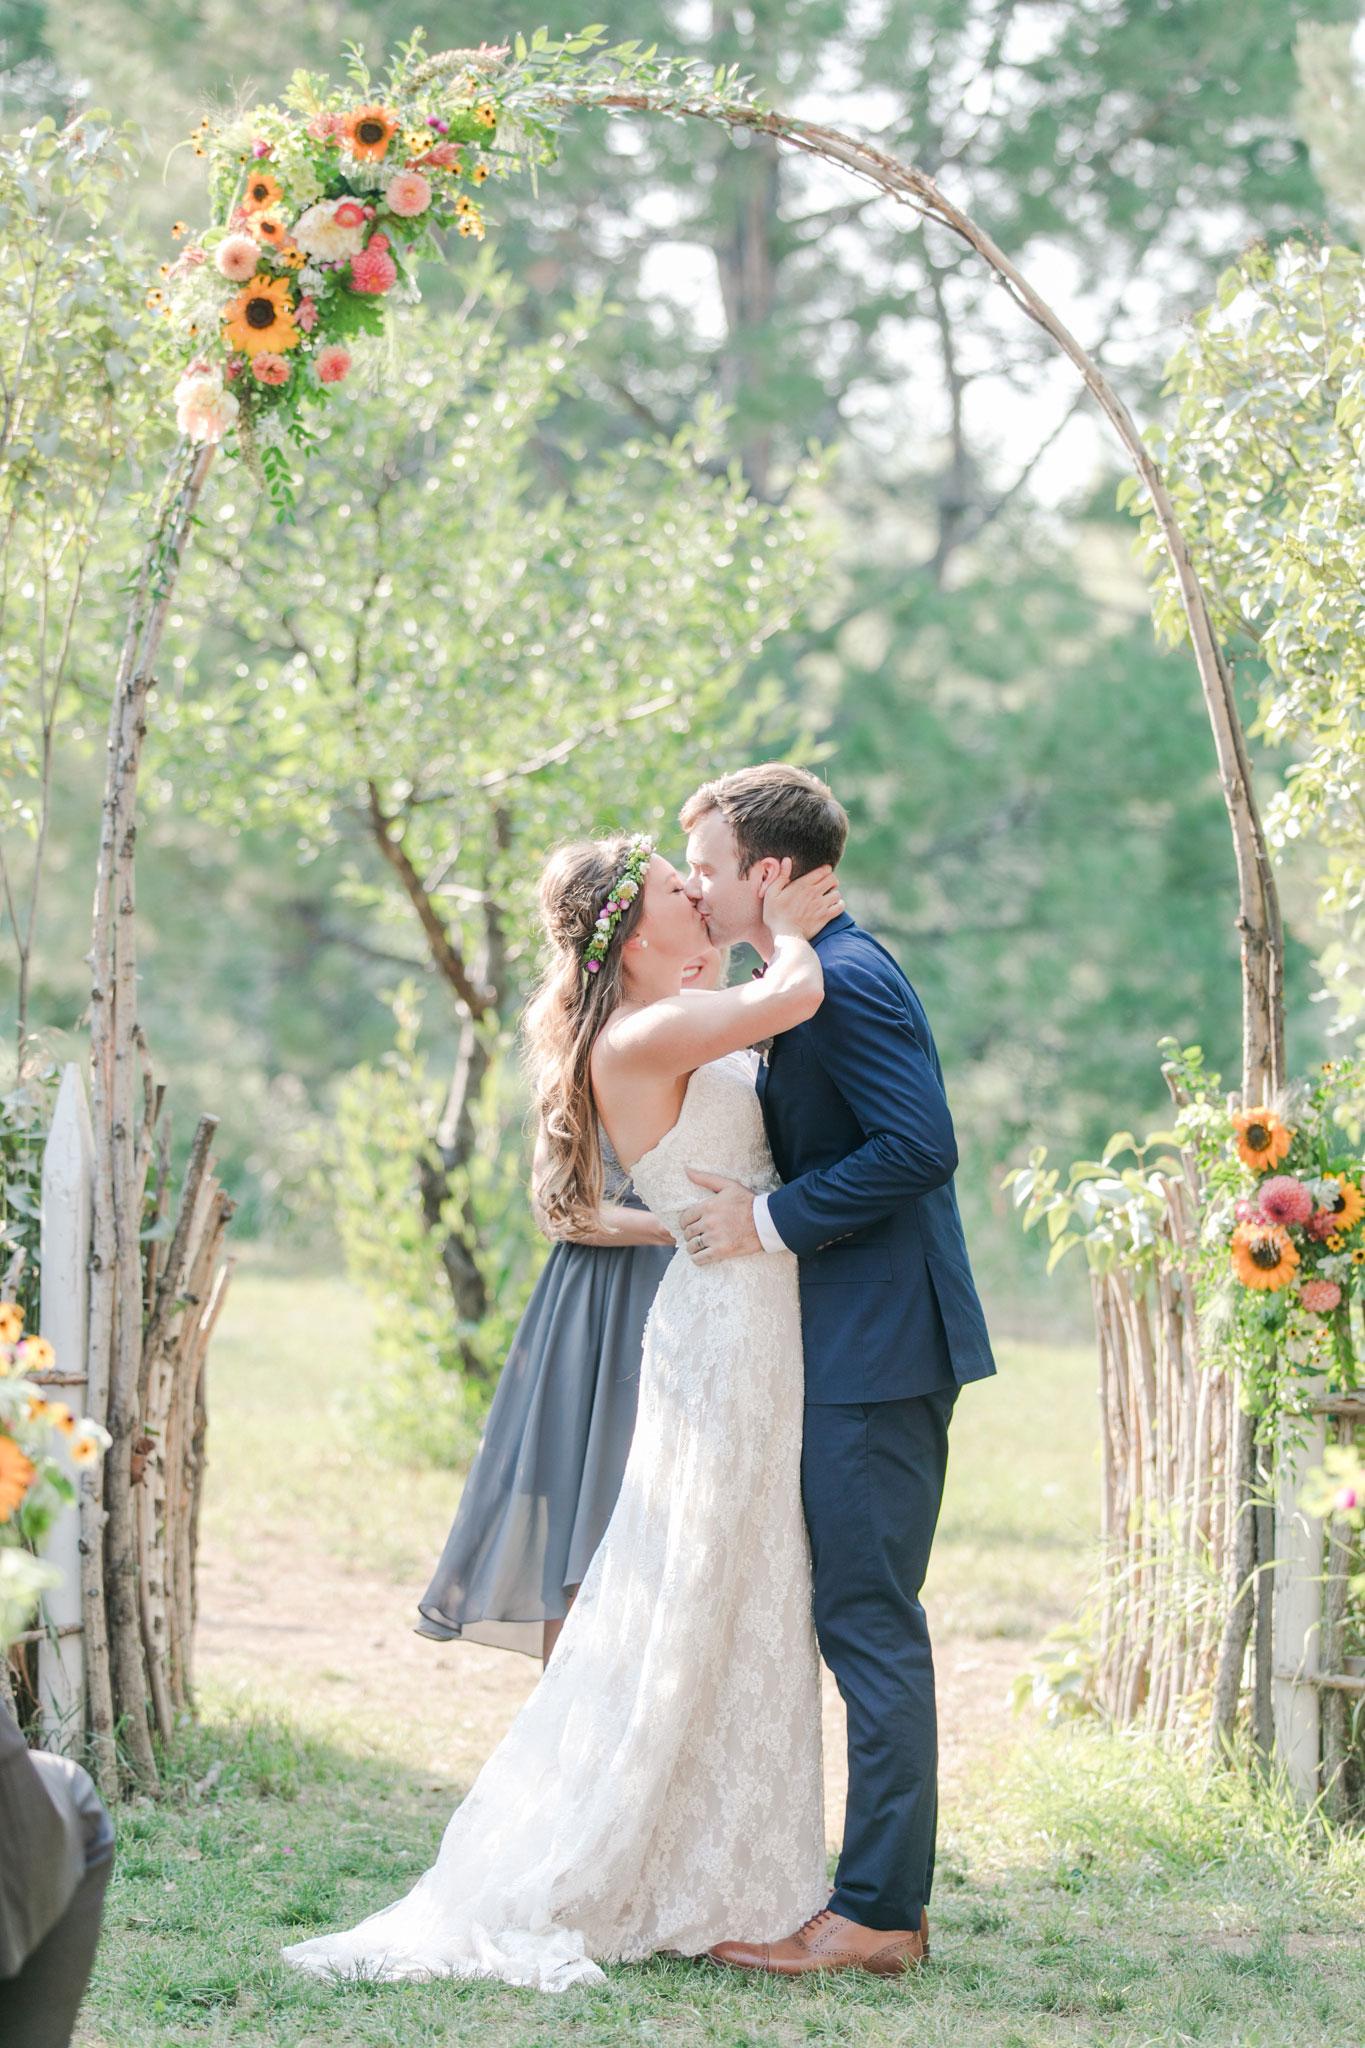 I Do | A Boho Garden Wedding in Colorado